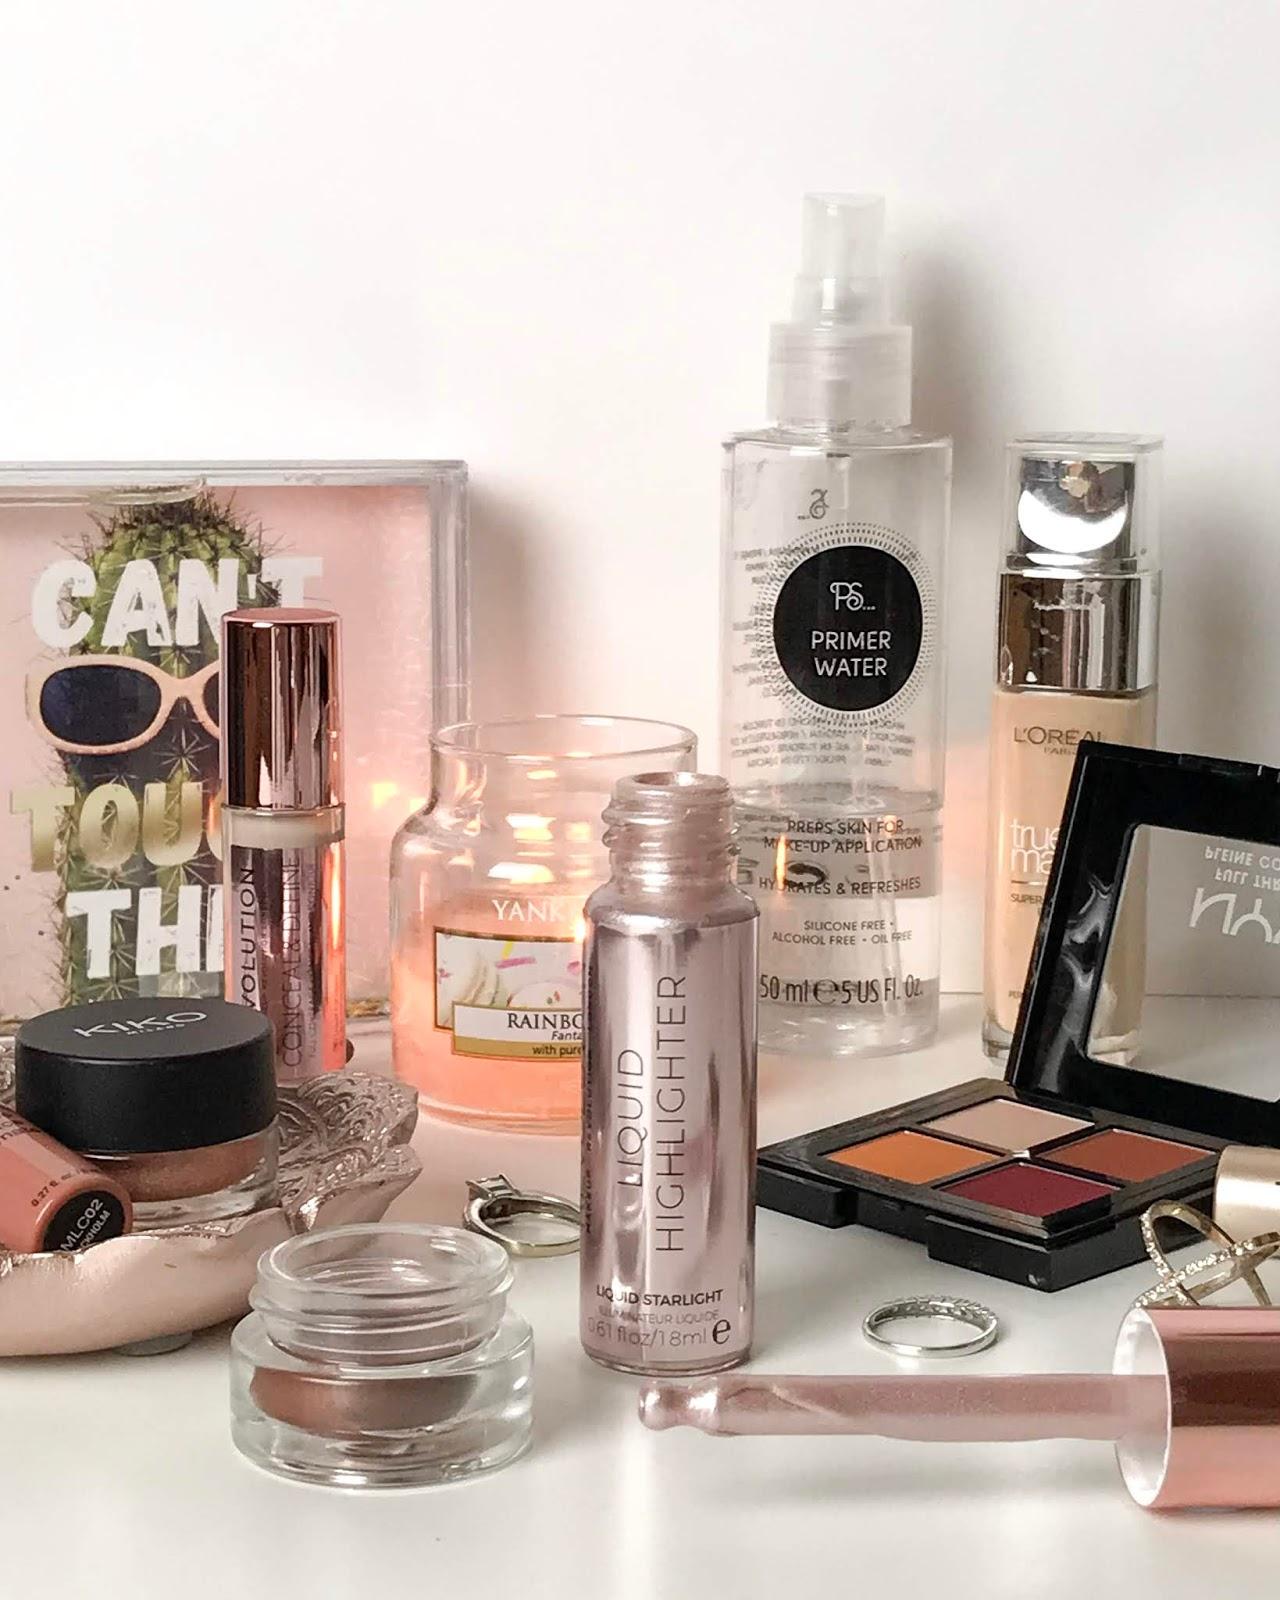 five high-street makeup brands i swear by blog post